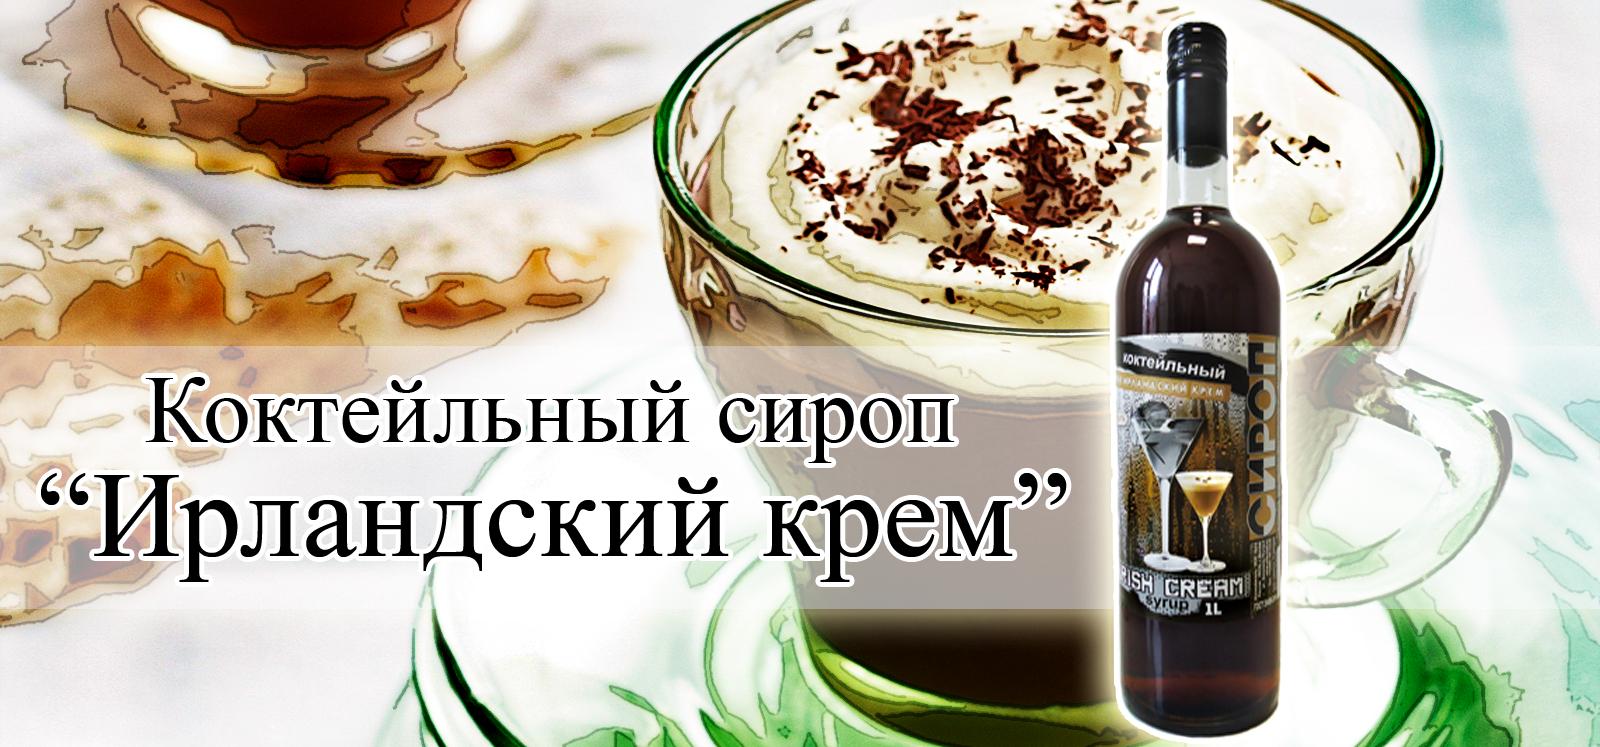 Арта - Сиропы - Коктейльный сироп Ирландский крем